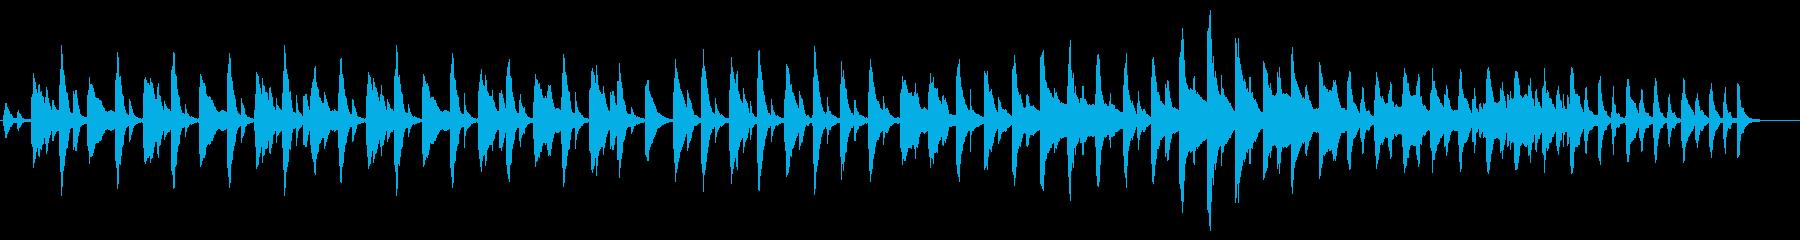 ハープのゆったりしたテンポの静かな曲の再生済みの波形